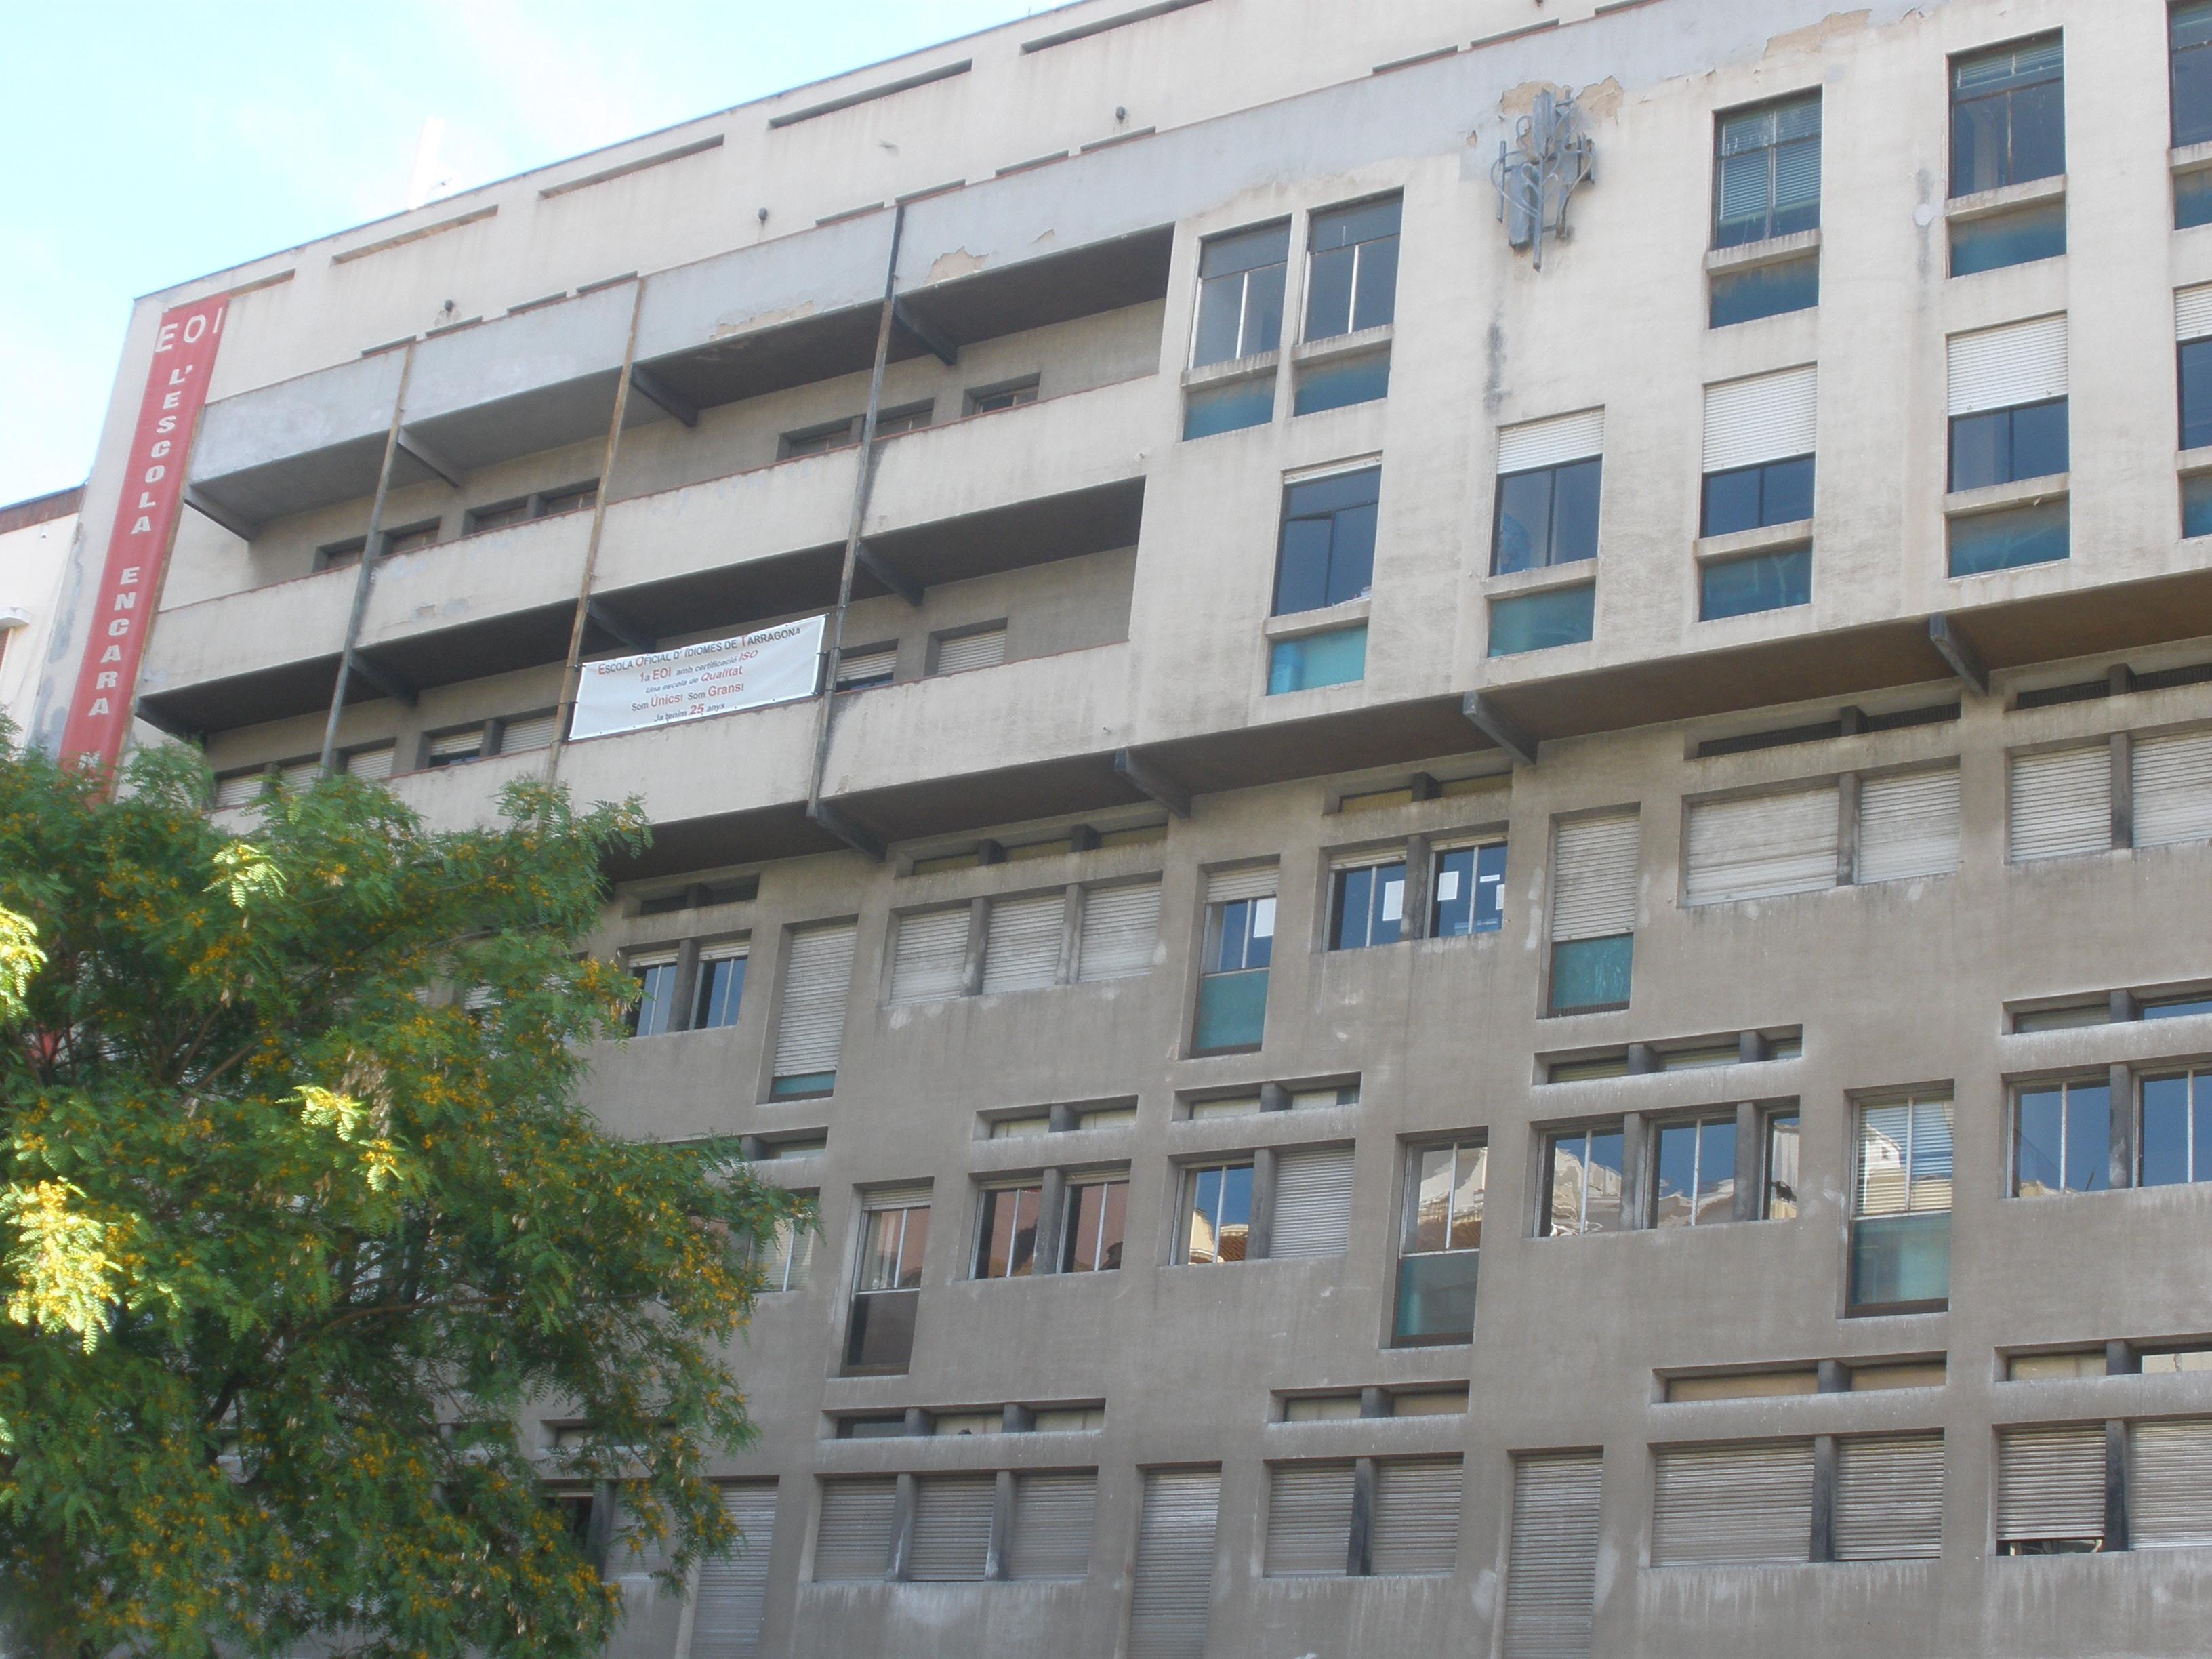 Edifici de la Rambla Nova on hi ha l'Escola Oficial d'Idiomes. Professors i alumnes confien en el trasllat aquest estiu a la Chartreuse